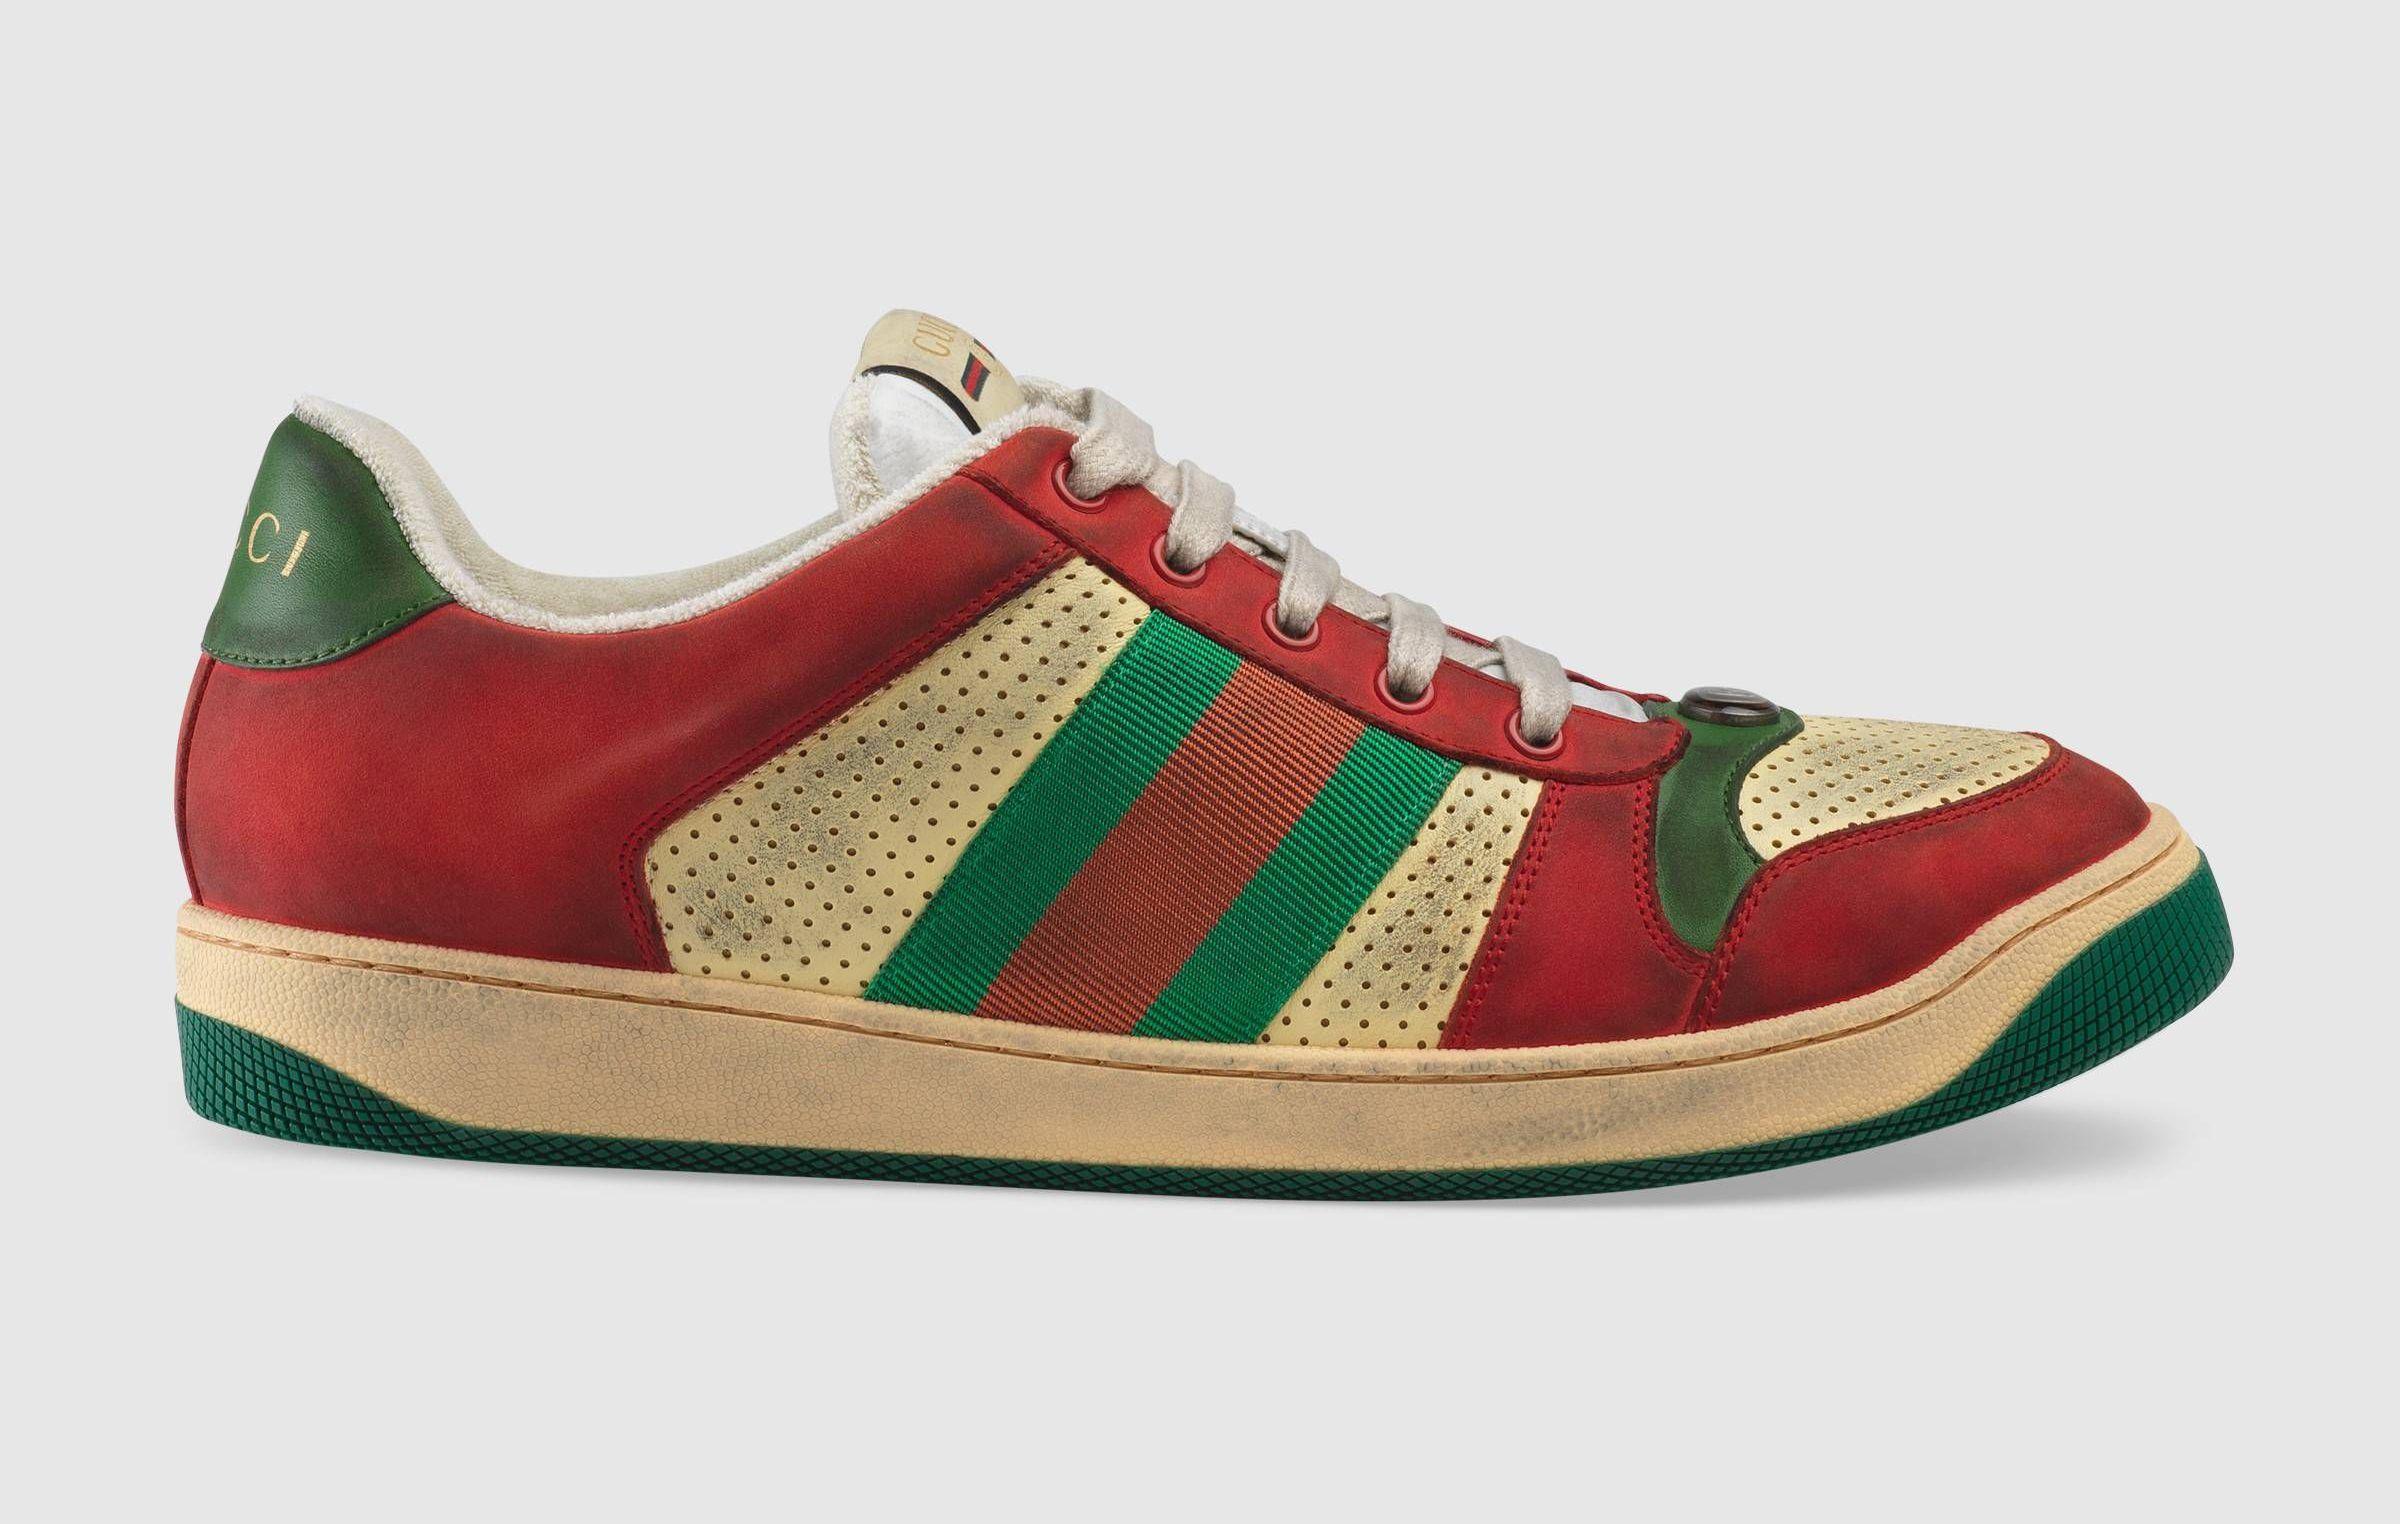 Gucci's Newest Sneaker Looks Like It Ran a Trail Ultra